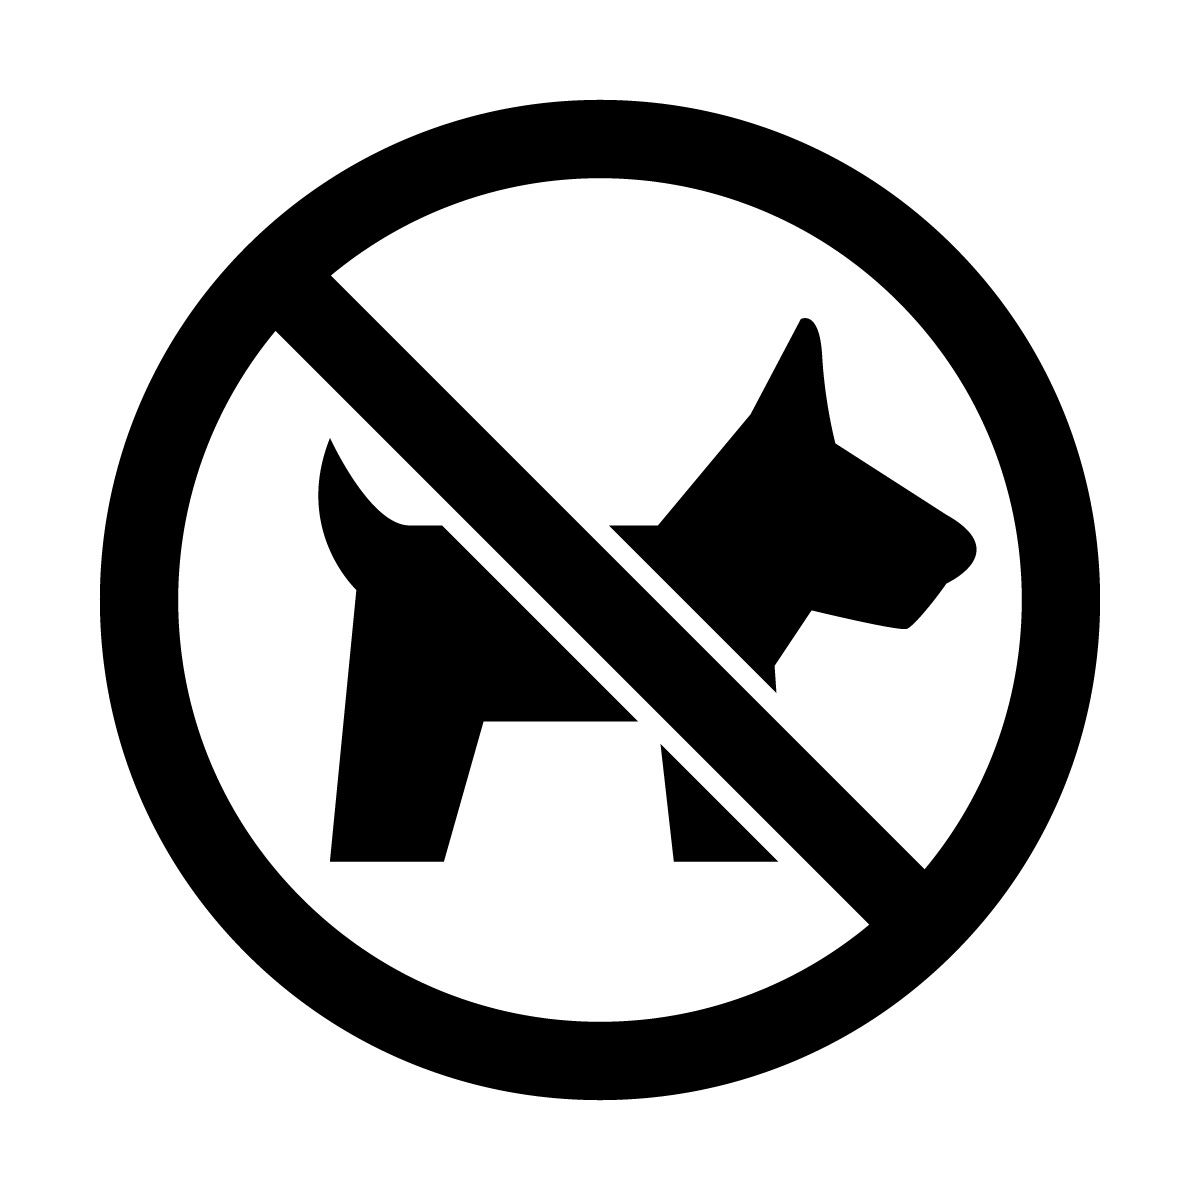 黒色のペット・動物の入店を禁止するマークのカッティングステッカーシール